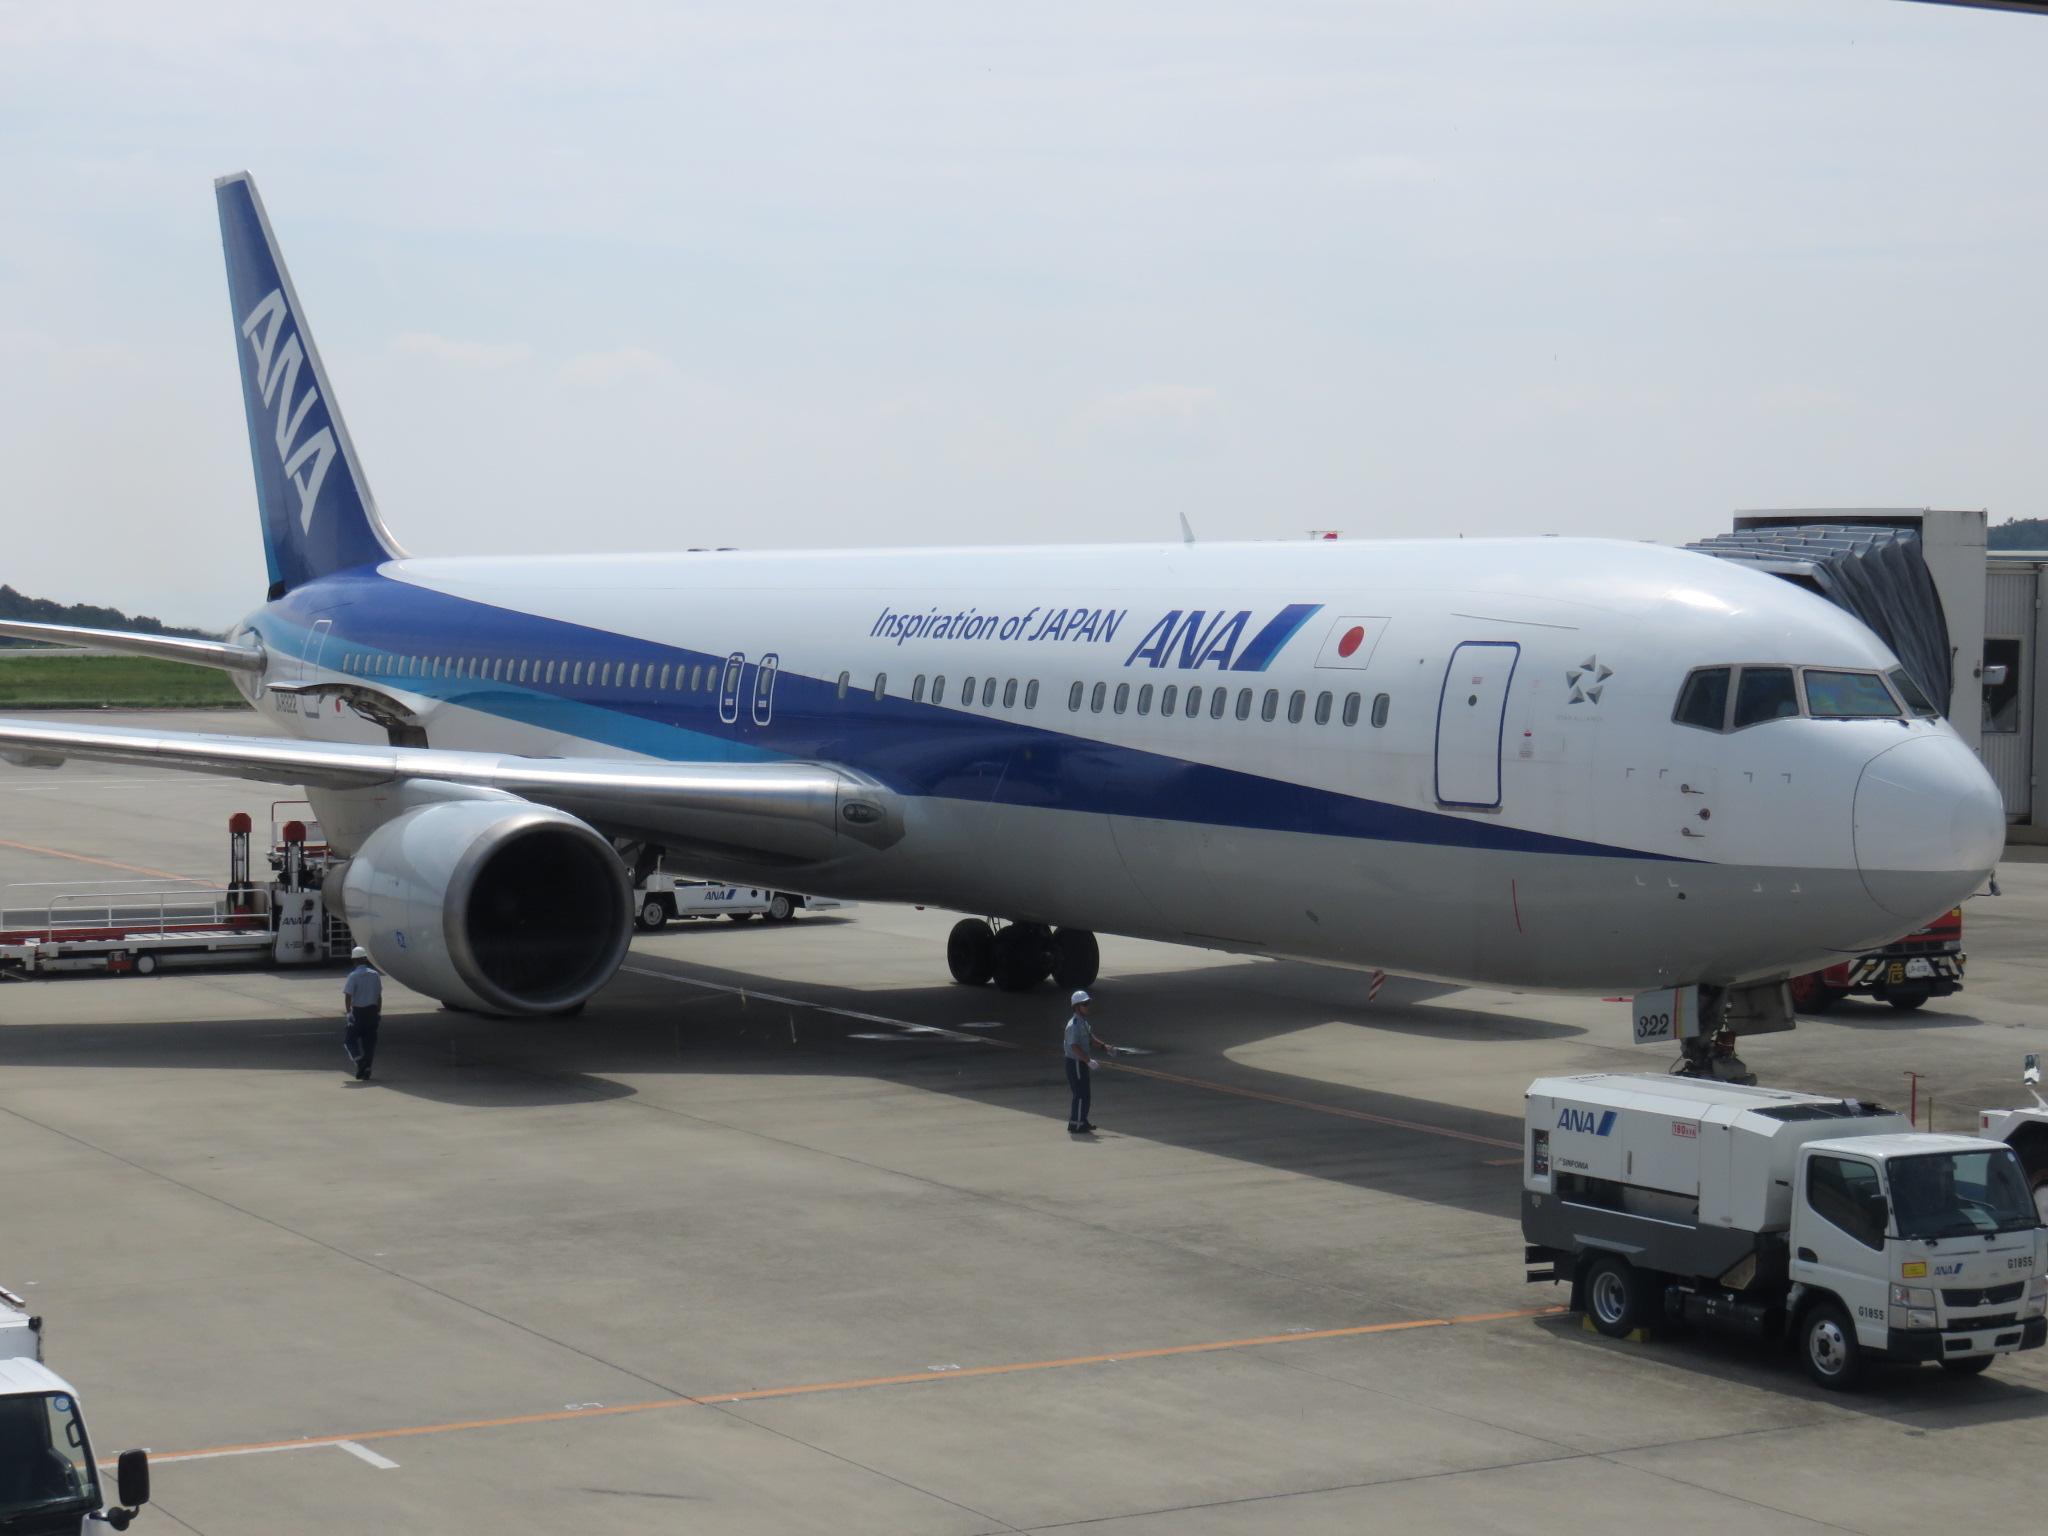 「世界のベスト空港2019」トップ10 -日本の3空港がランクイン-